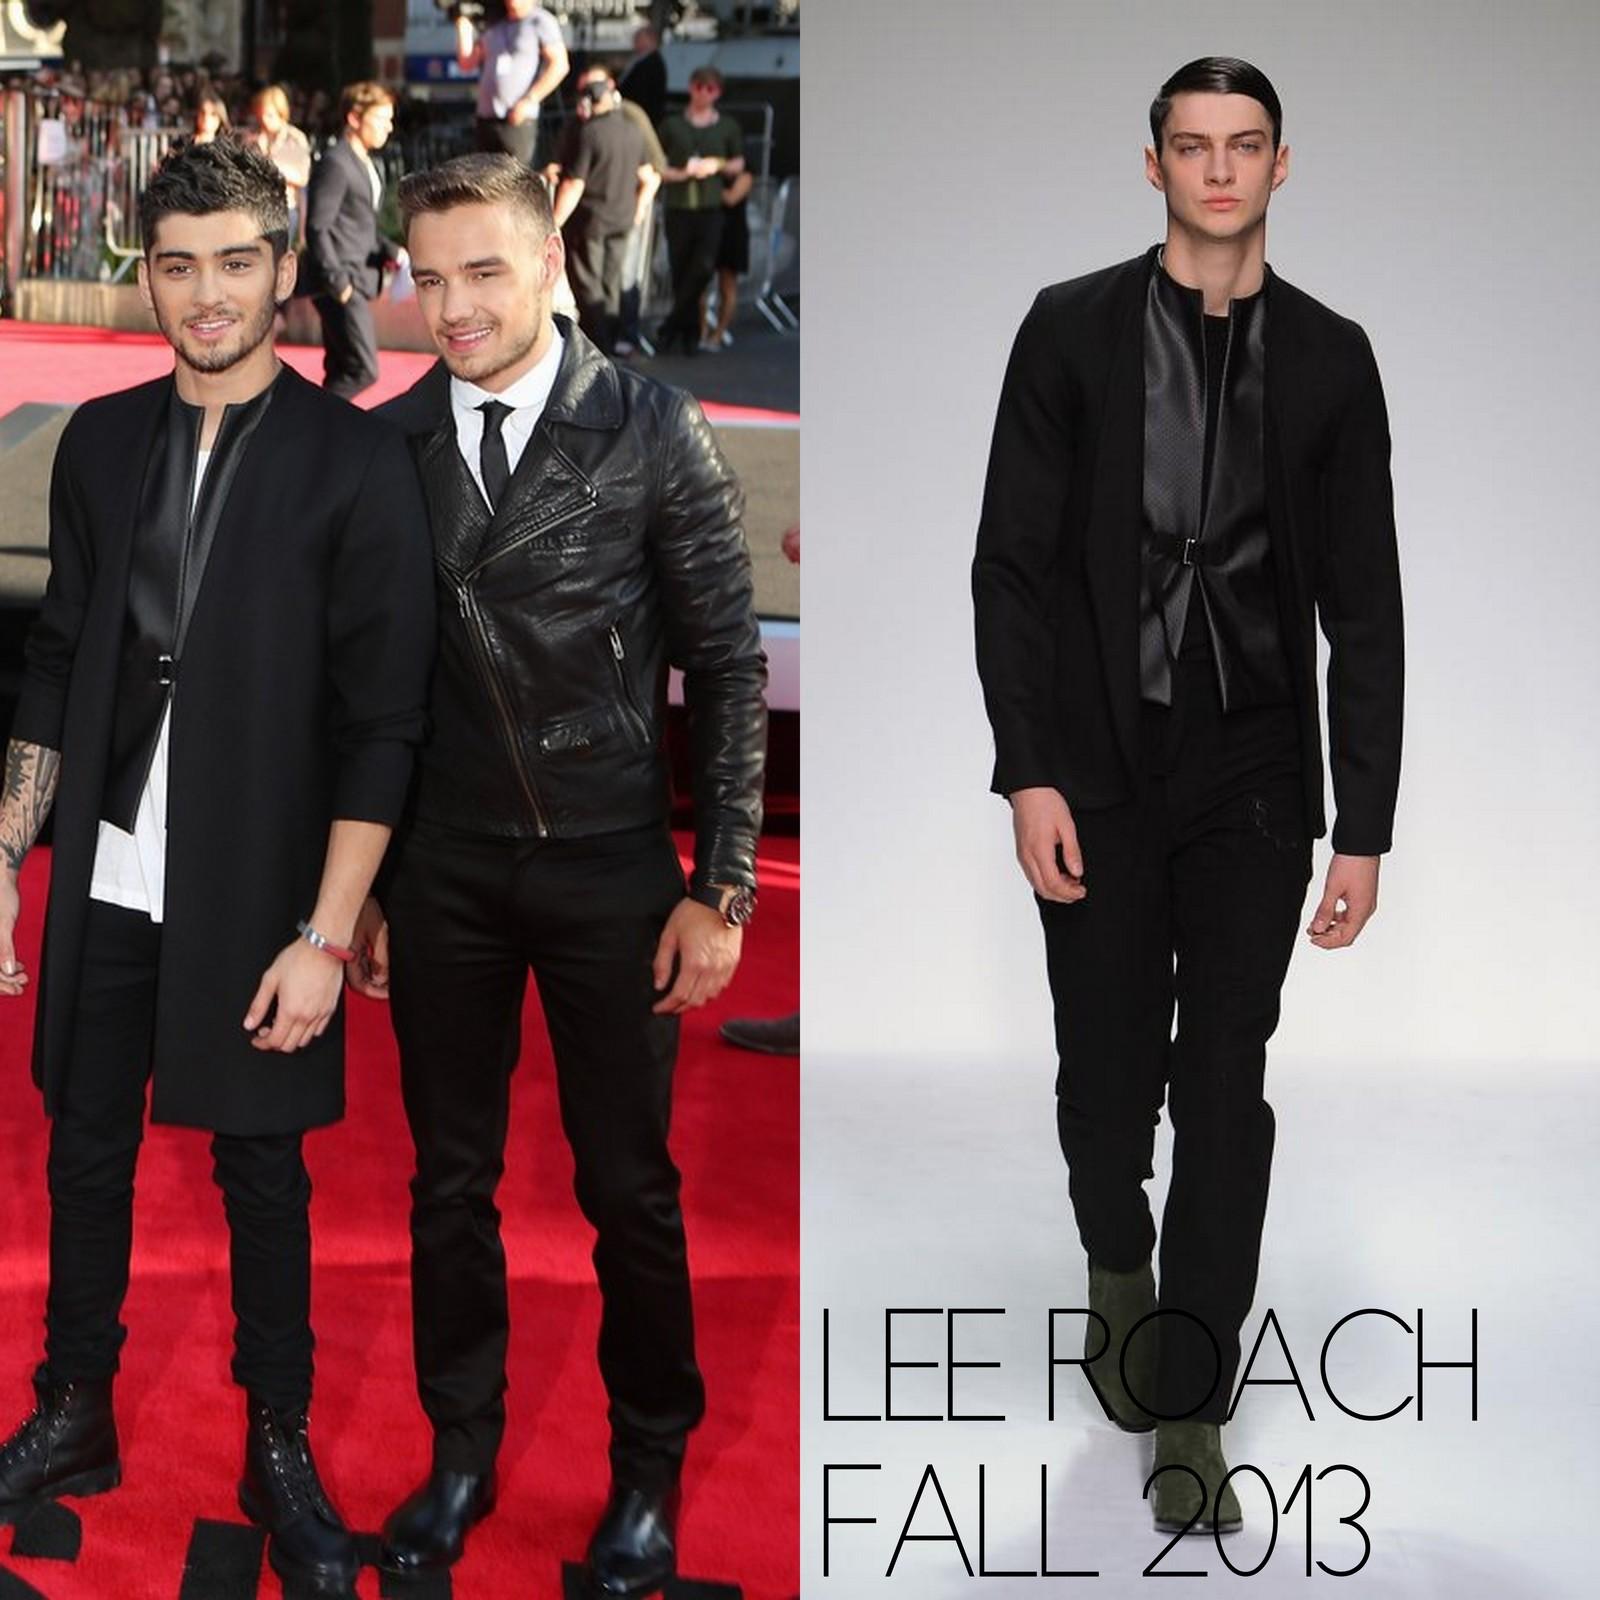 Zayn Malik En Lee Roach This Is Us London Premiere Male Fashion Trends